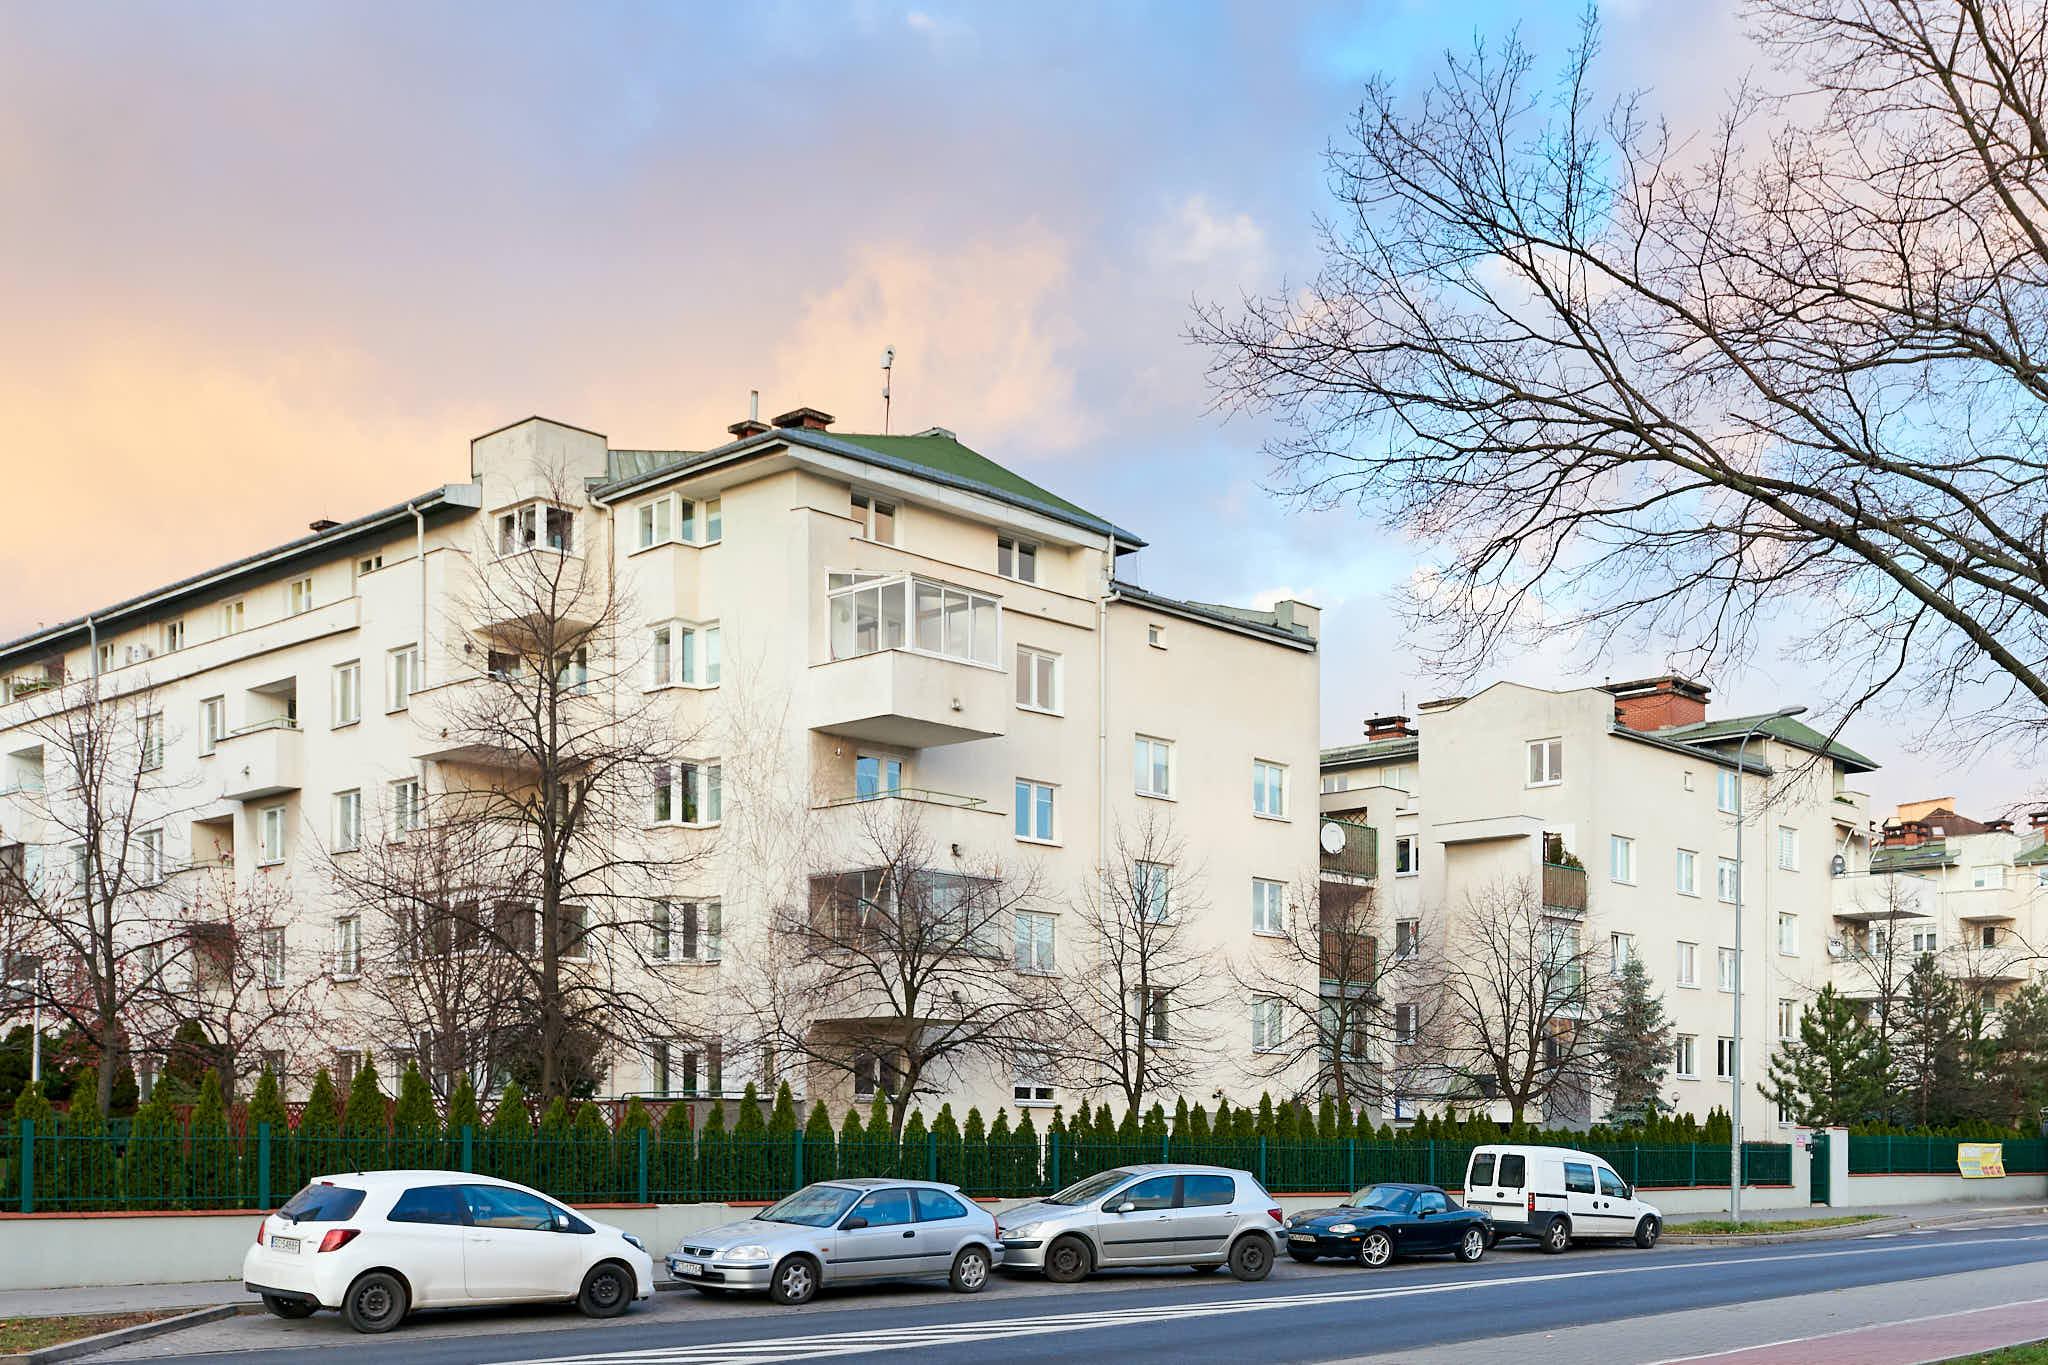 Mieszkanie Inwestycyjne Praga Warszawa ul. Poligonowa nieruchomosciszybko.mazowsze.pl